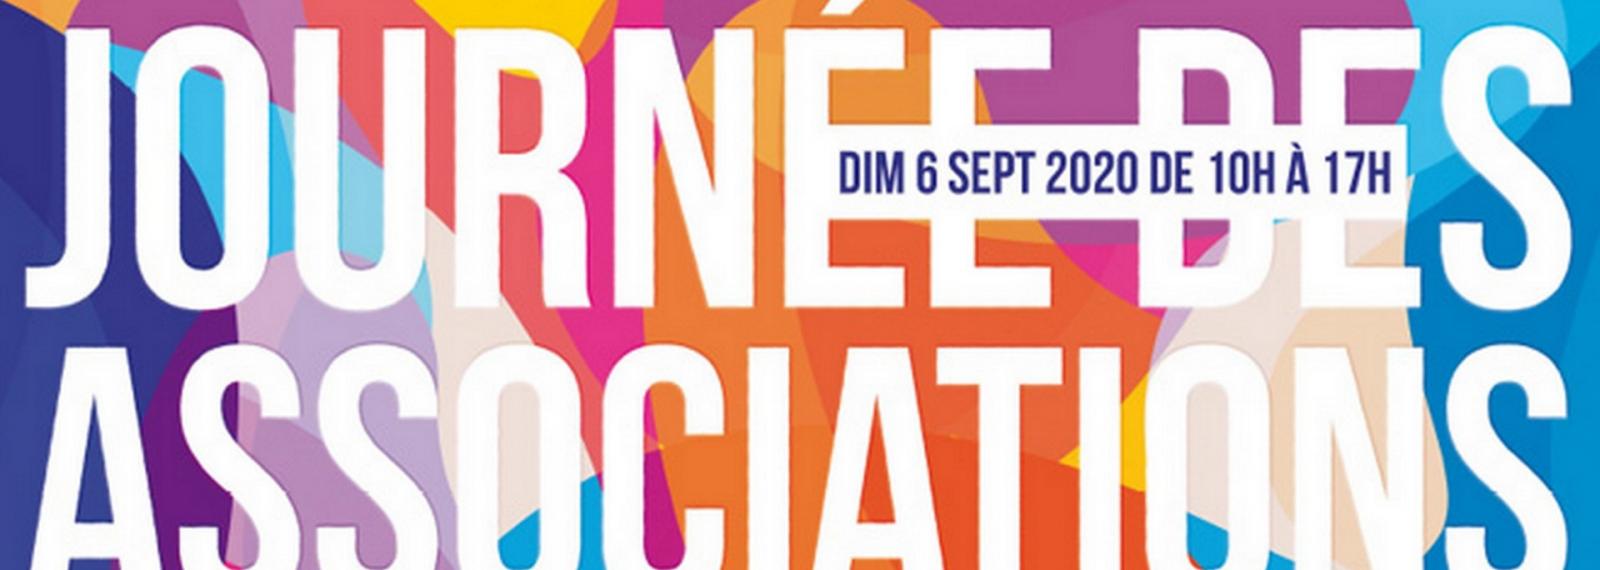 Journée des associations 2020